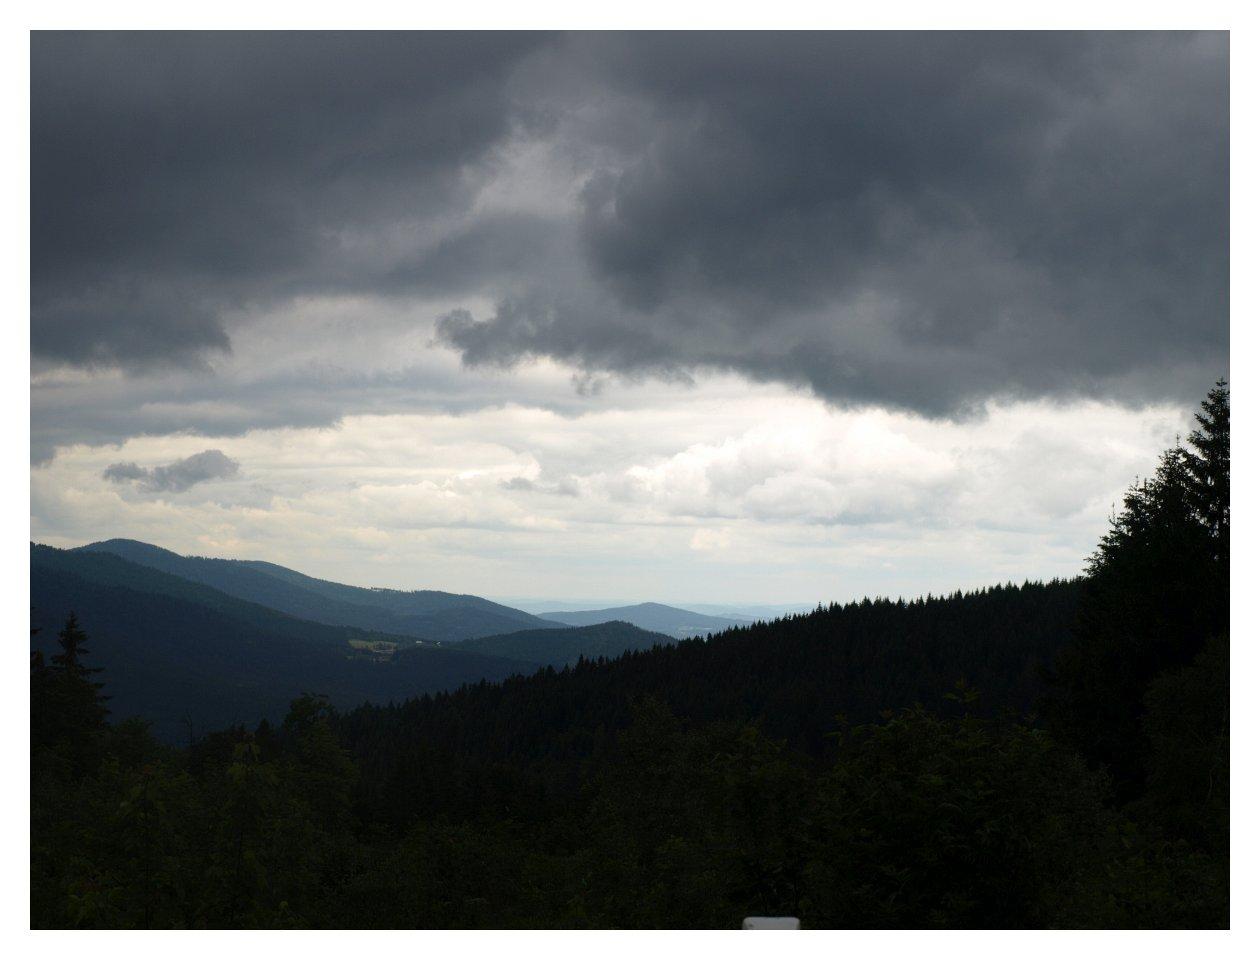 http://www.bayerwaldwandern.de/juni15/23juni15_9.jpg